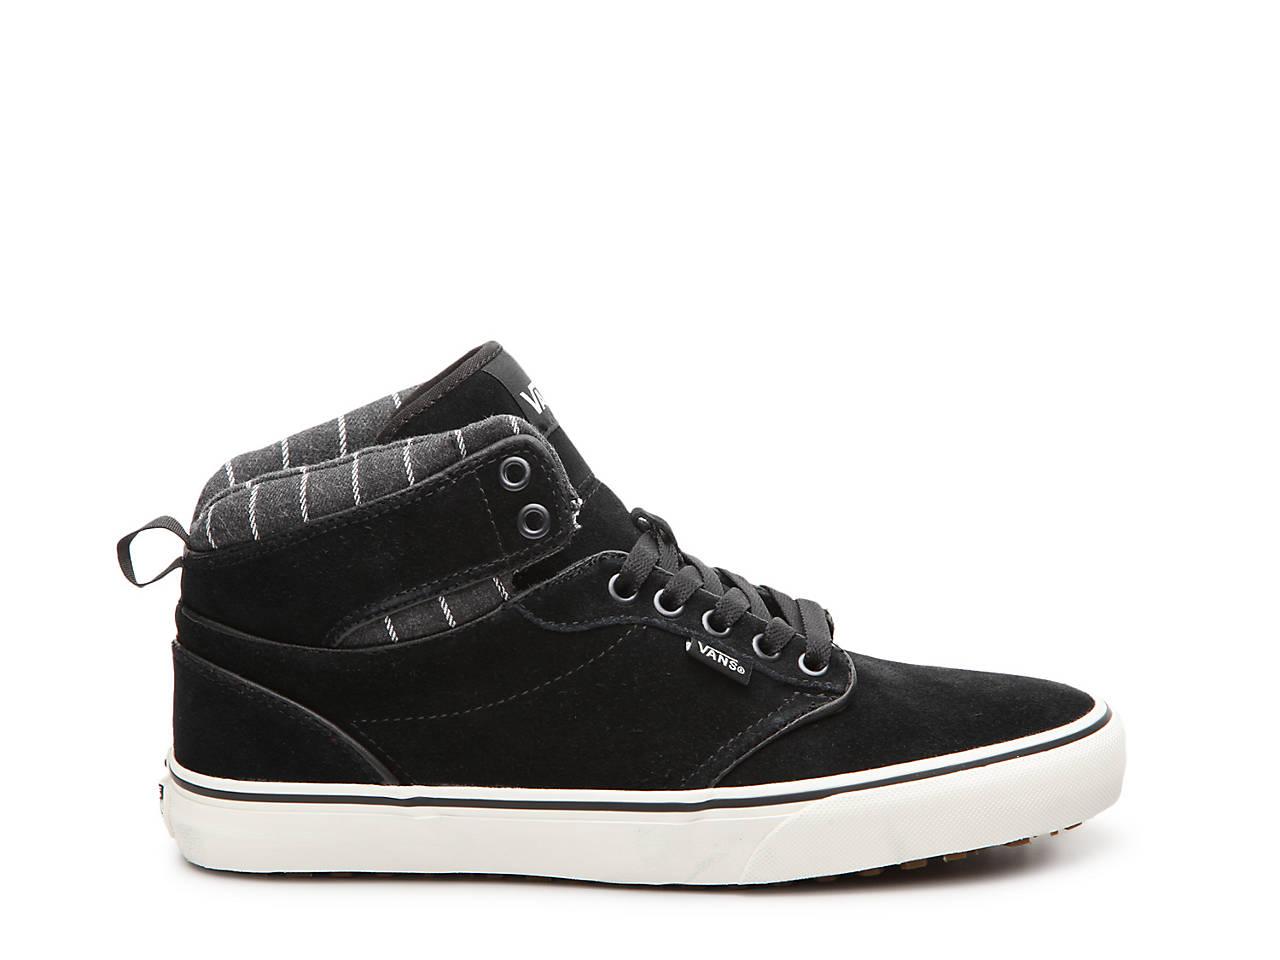 6b4c2ff8295a82 Vans Atwood Hi MTE High-Top Sneaker - Men s Men s Shoes